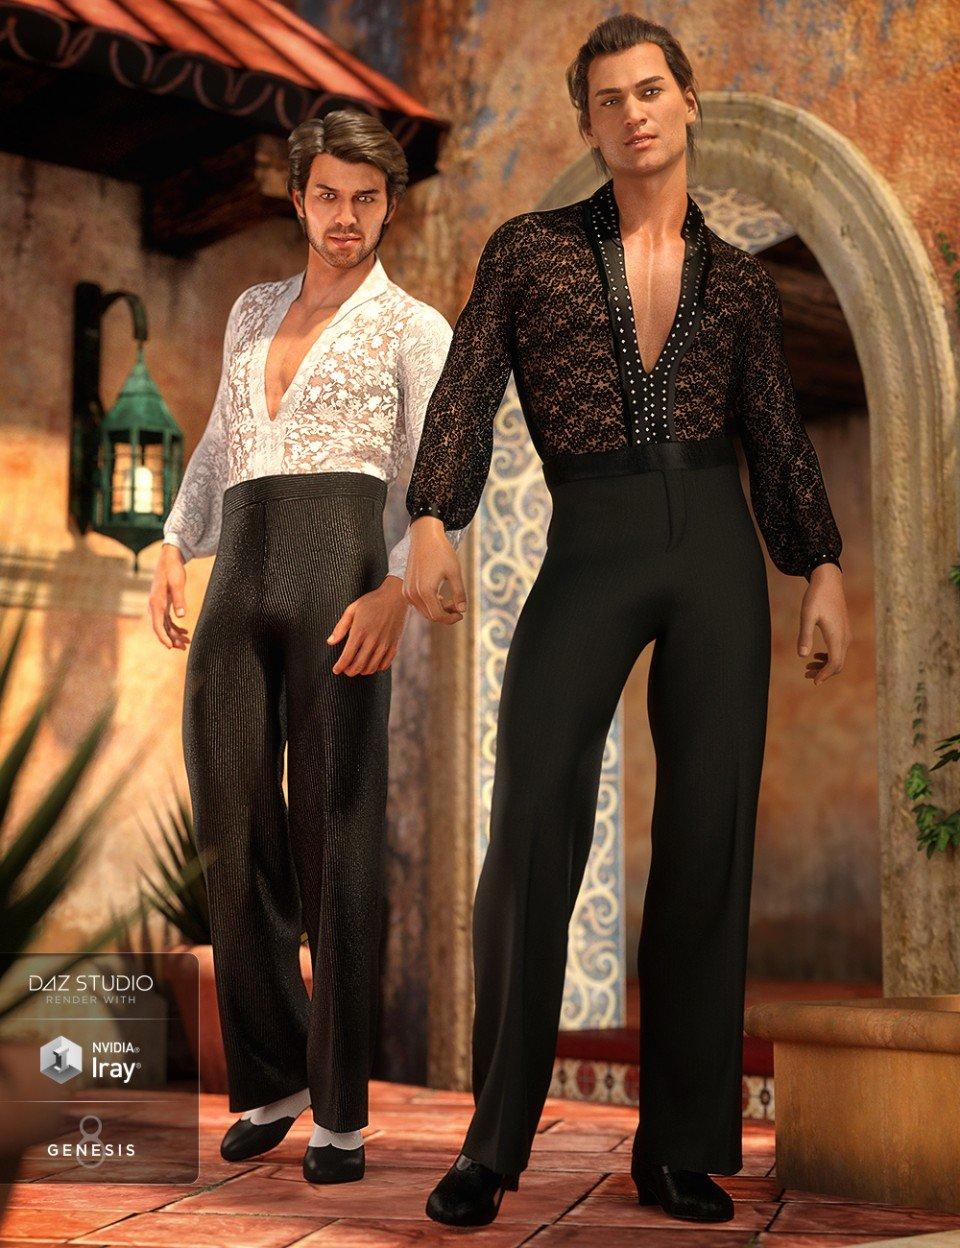 dForce Latin Dancer Outfit Textures_DAZ3D下载站